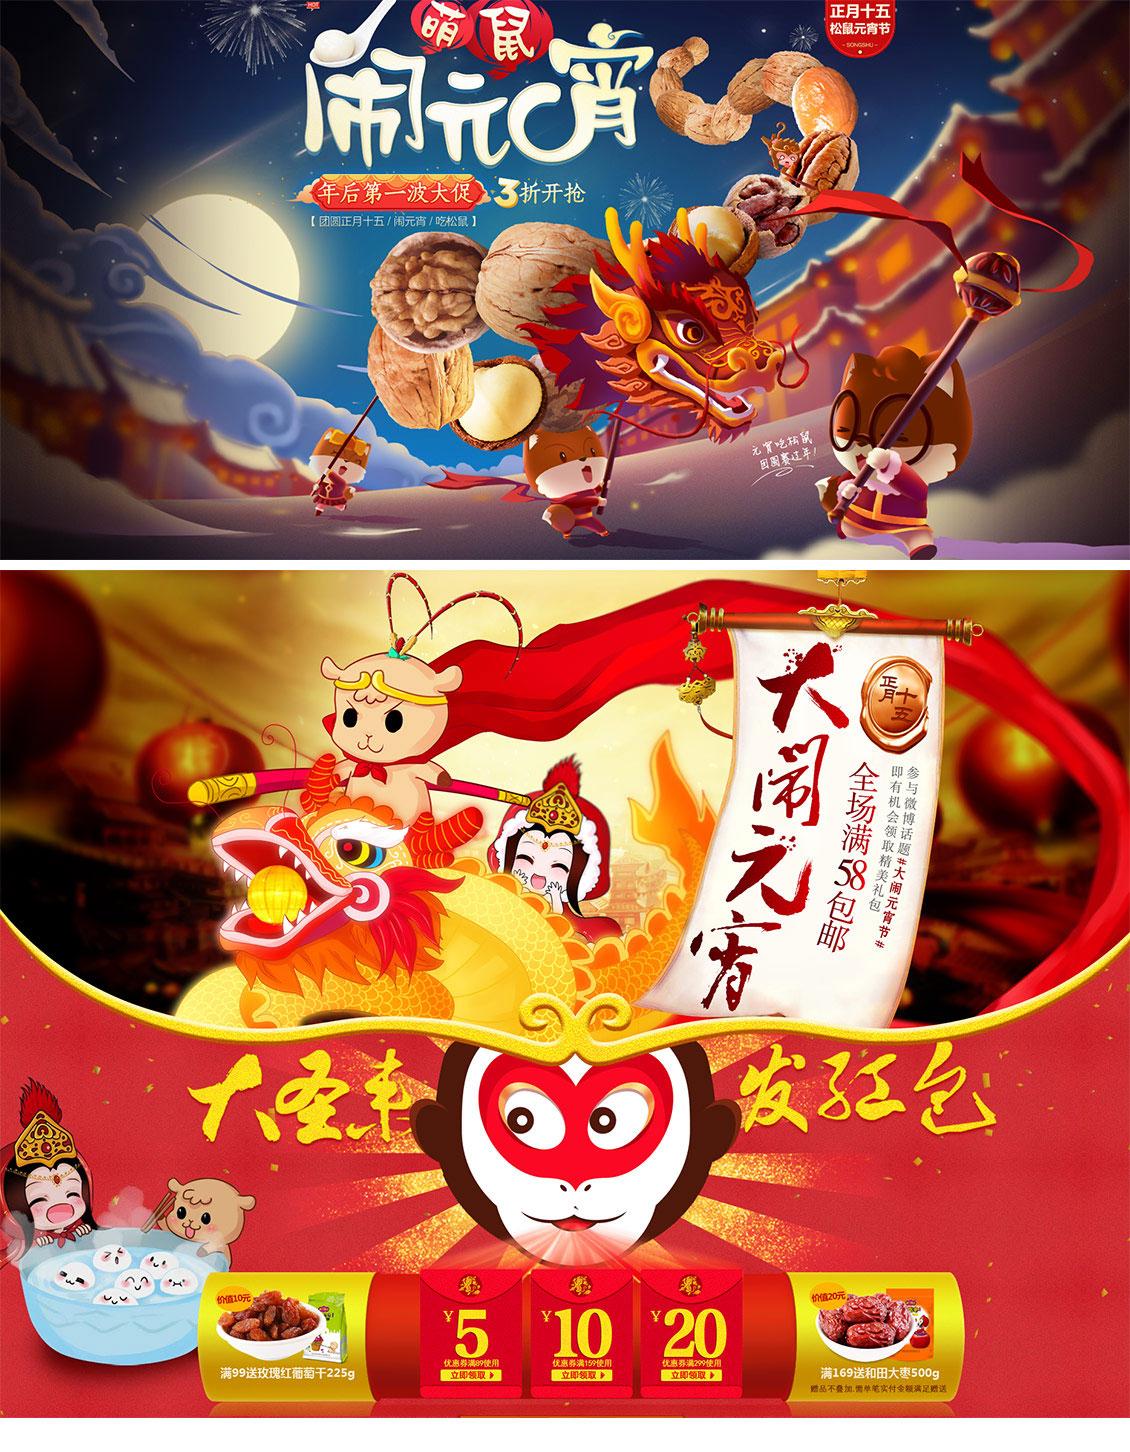 元宵節活動頭圖banner設計